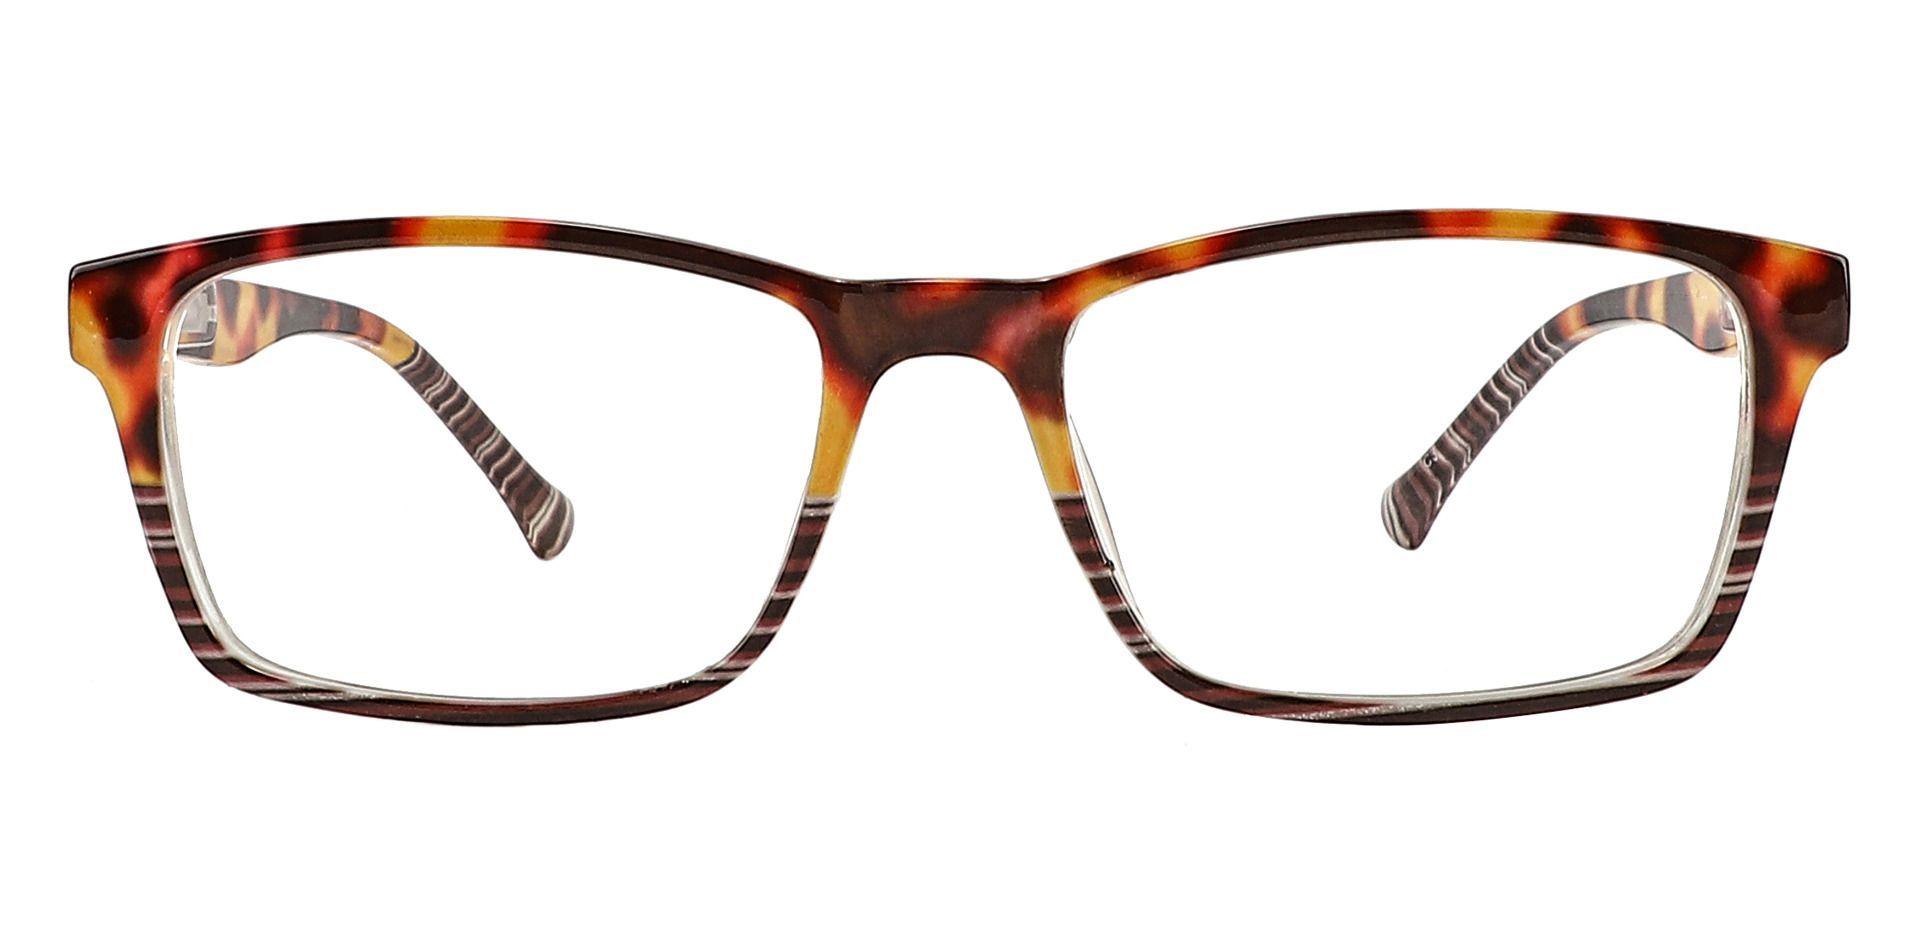 Booth Rectangle Blue Light Blocking Glasses - Tortoise